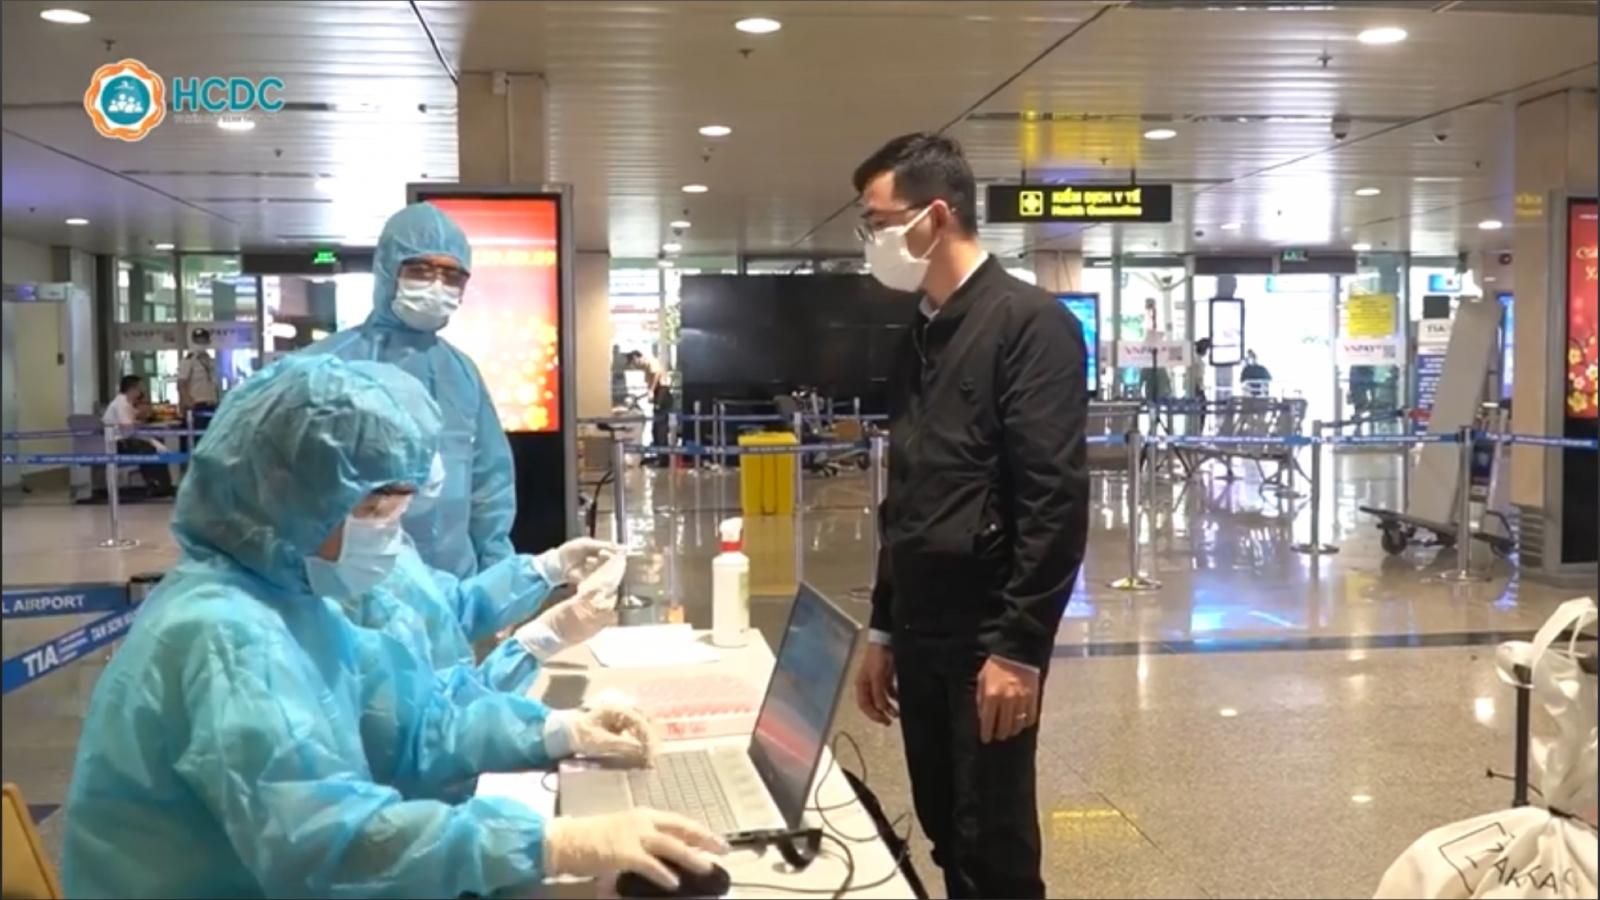 TP.HCM lấy mẫu tầm soát hành khách quốc nội đi từ sân bay Nội Bài, Vân Đồn, Cát Bi